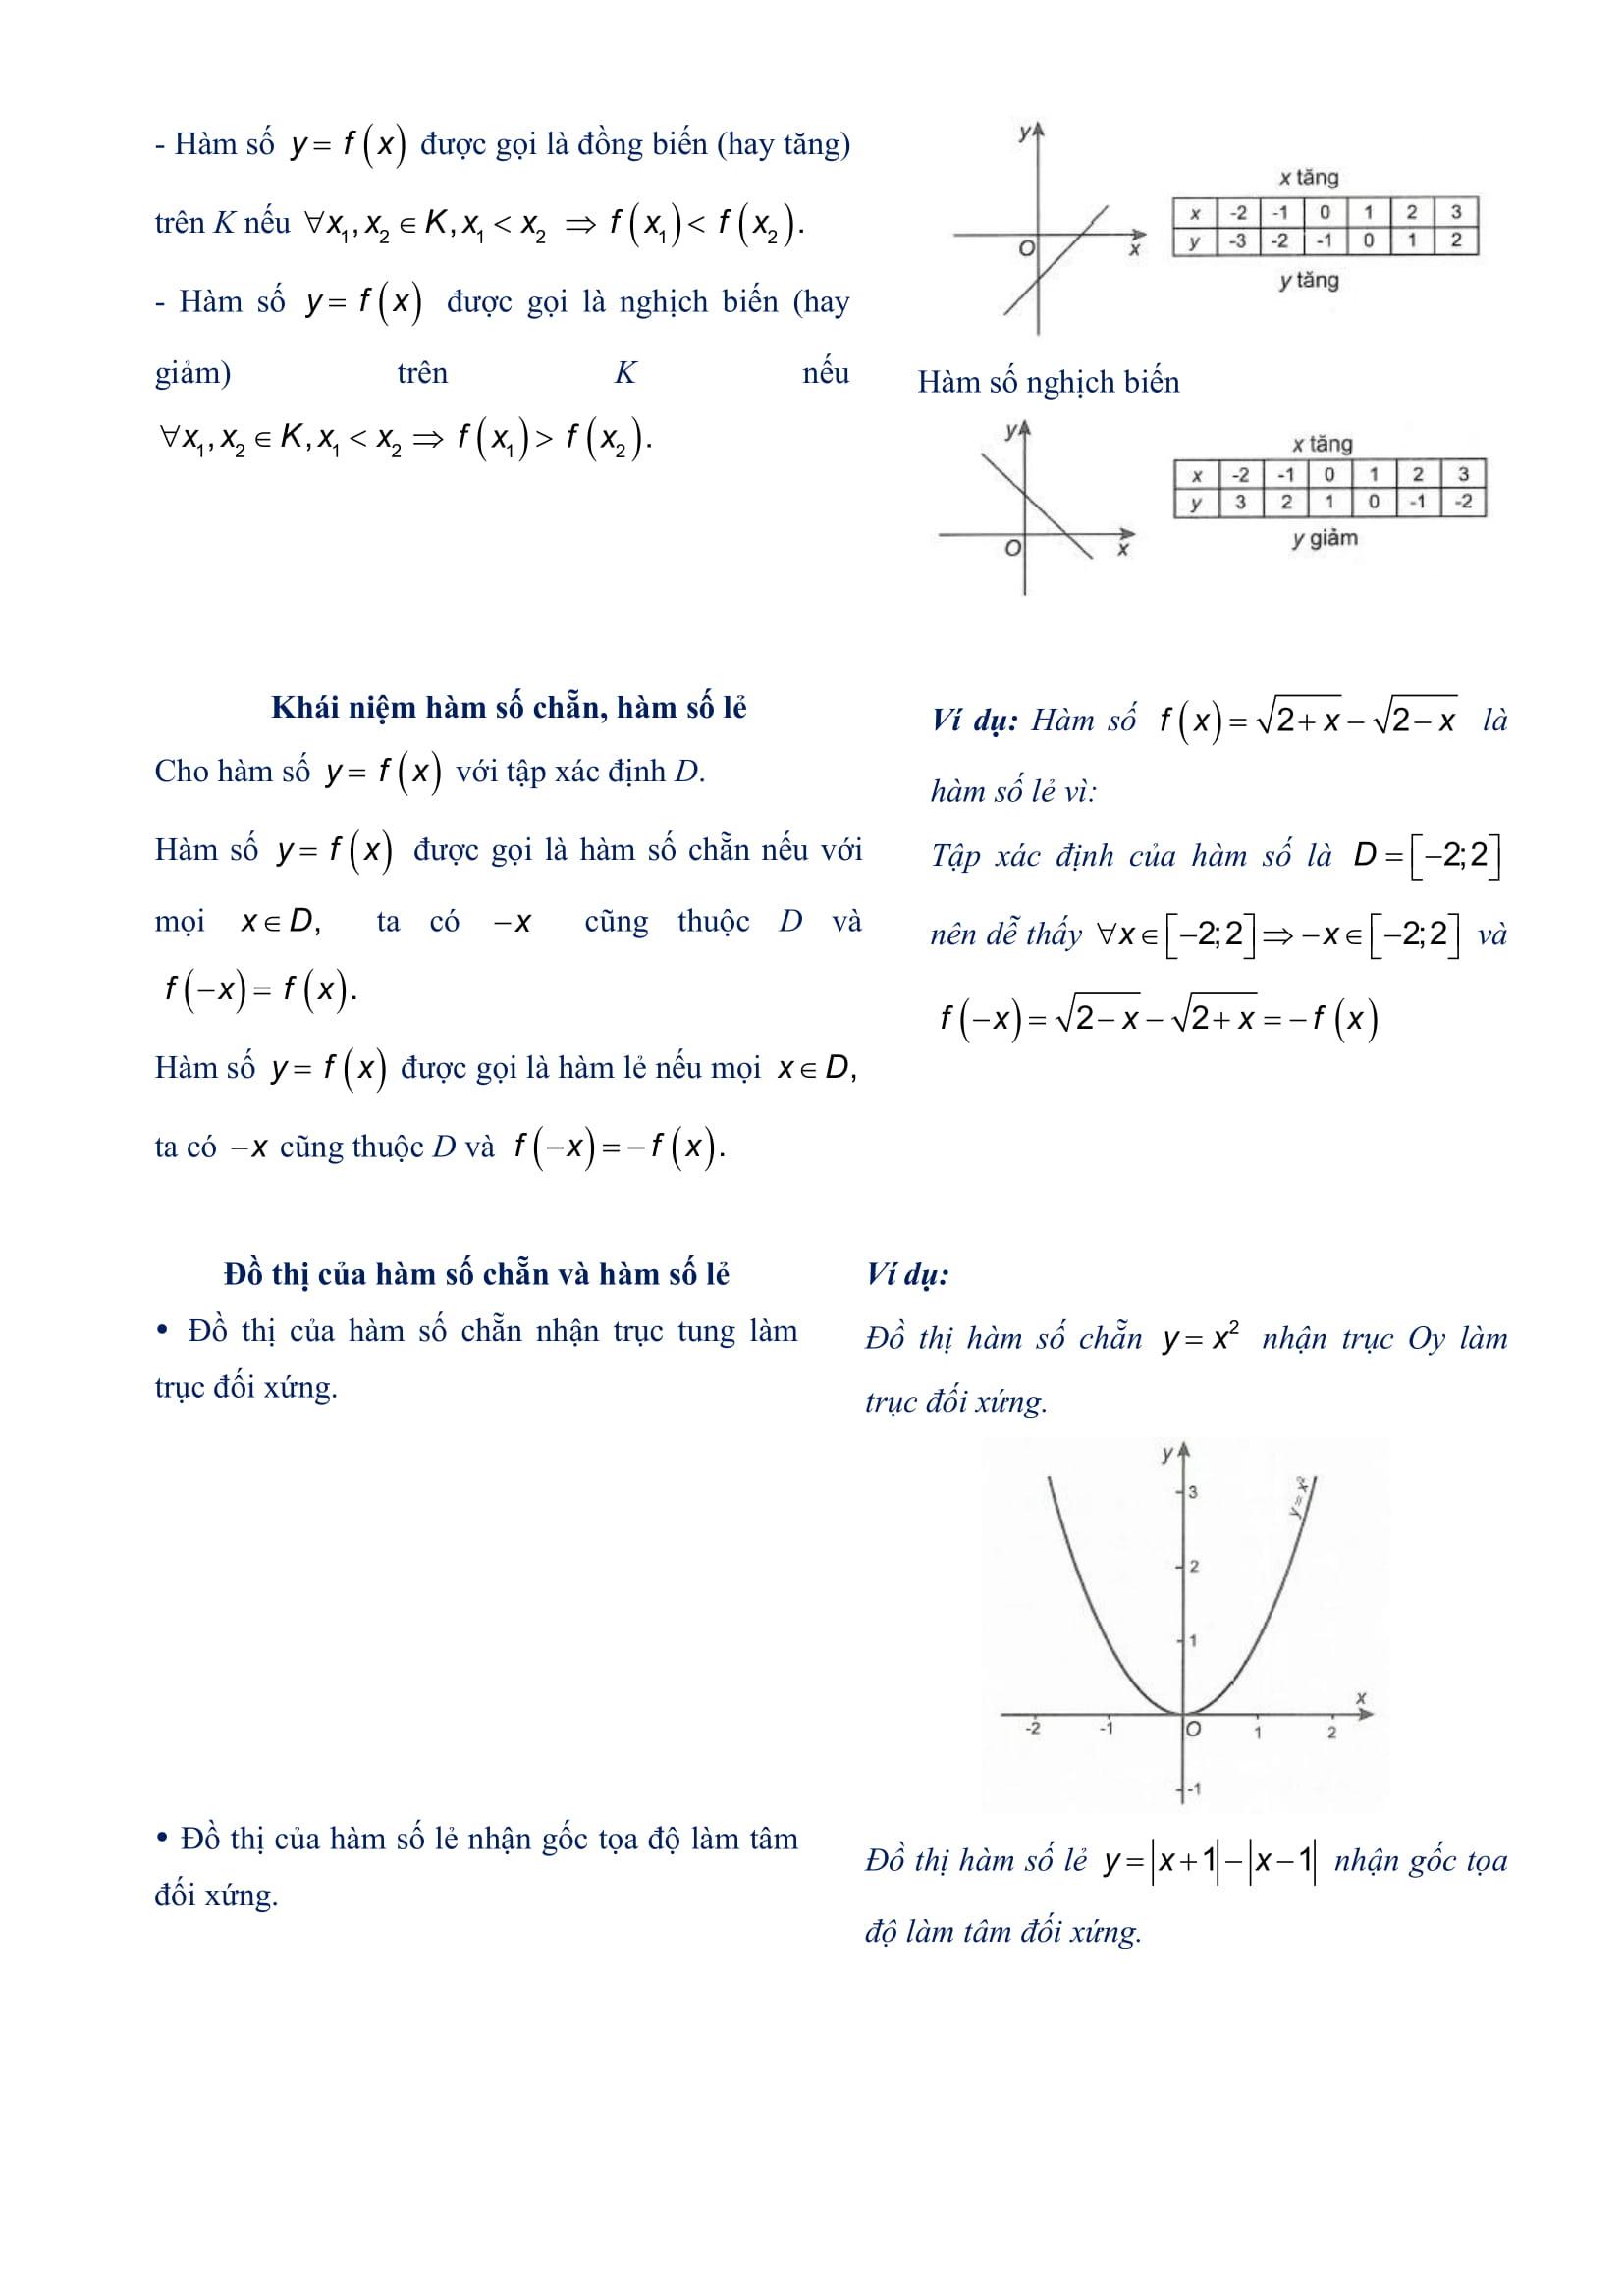 Chuyên đề hàm số - Toán Đại số 10